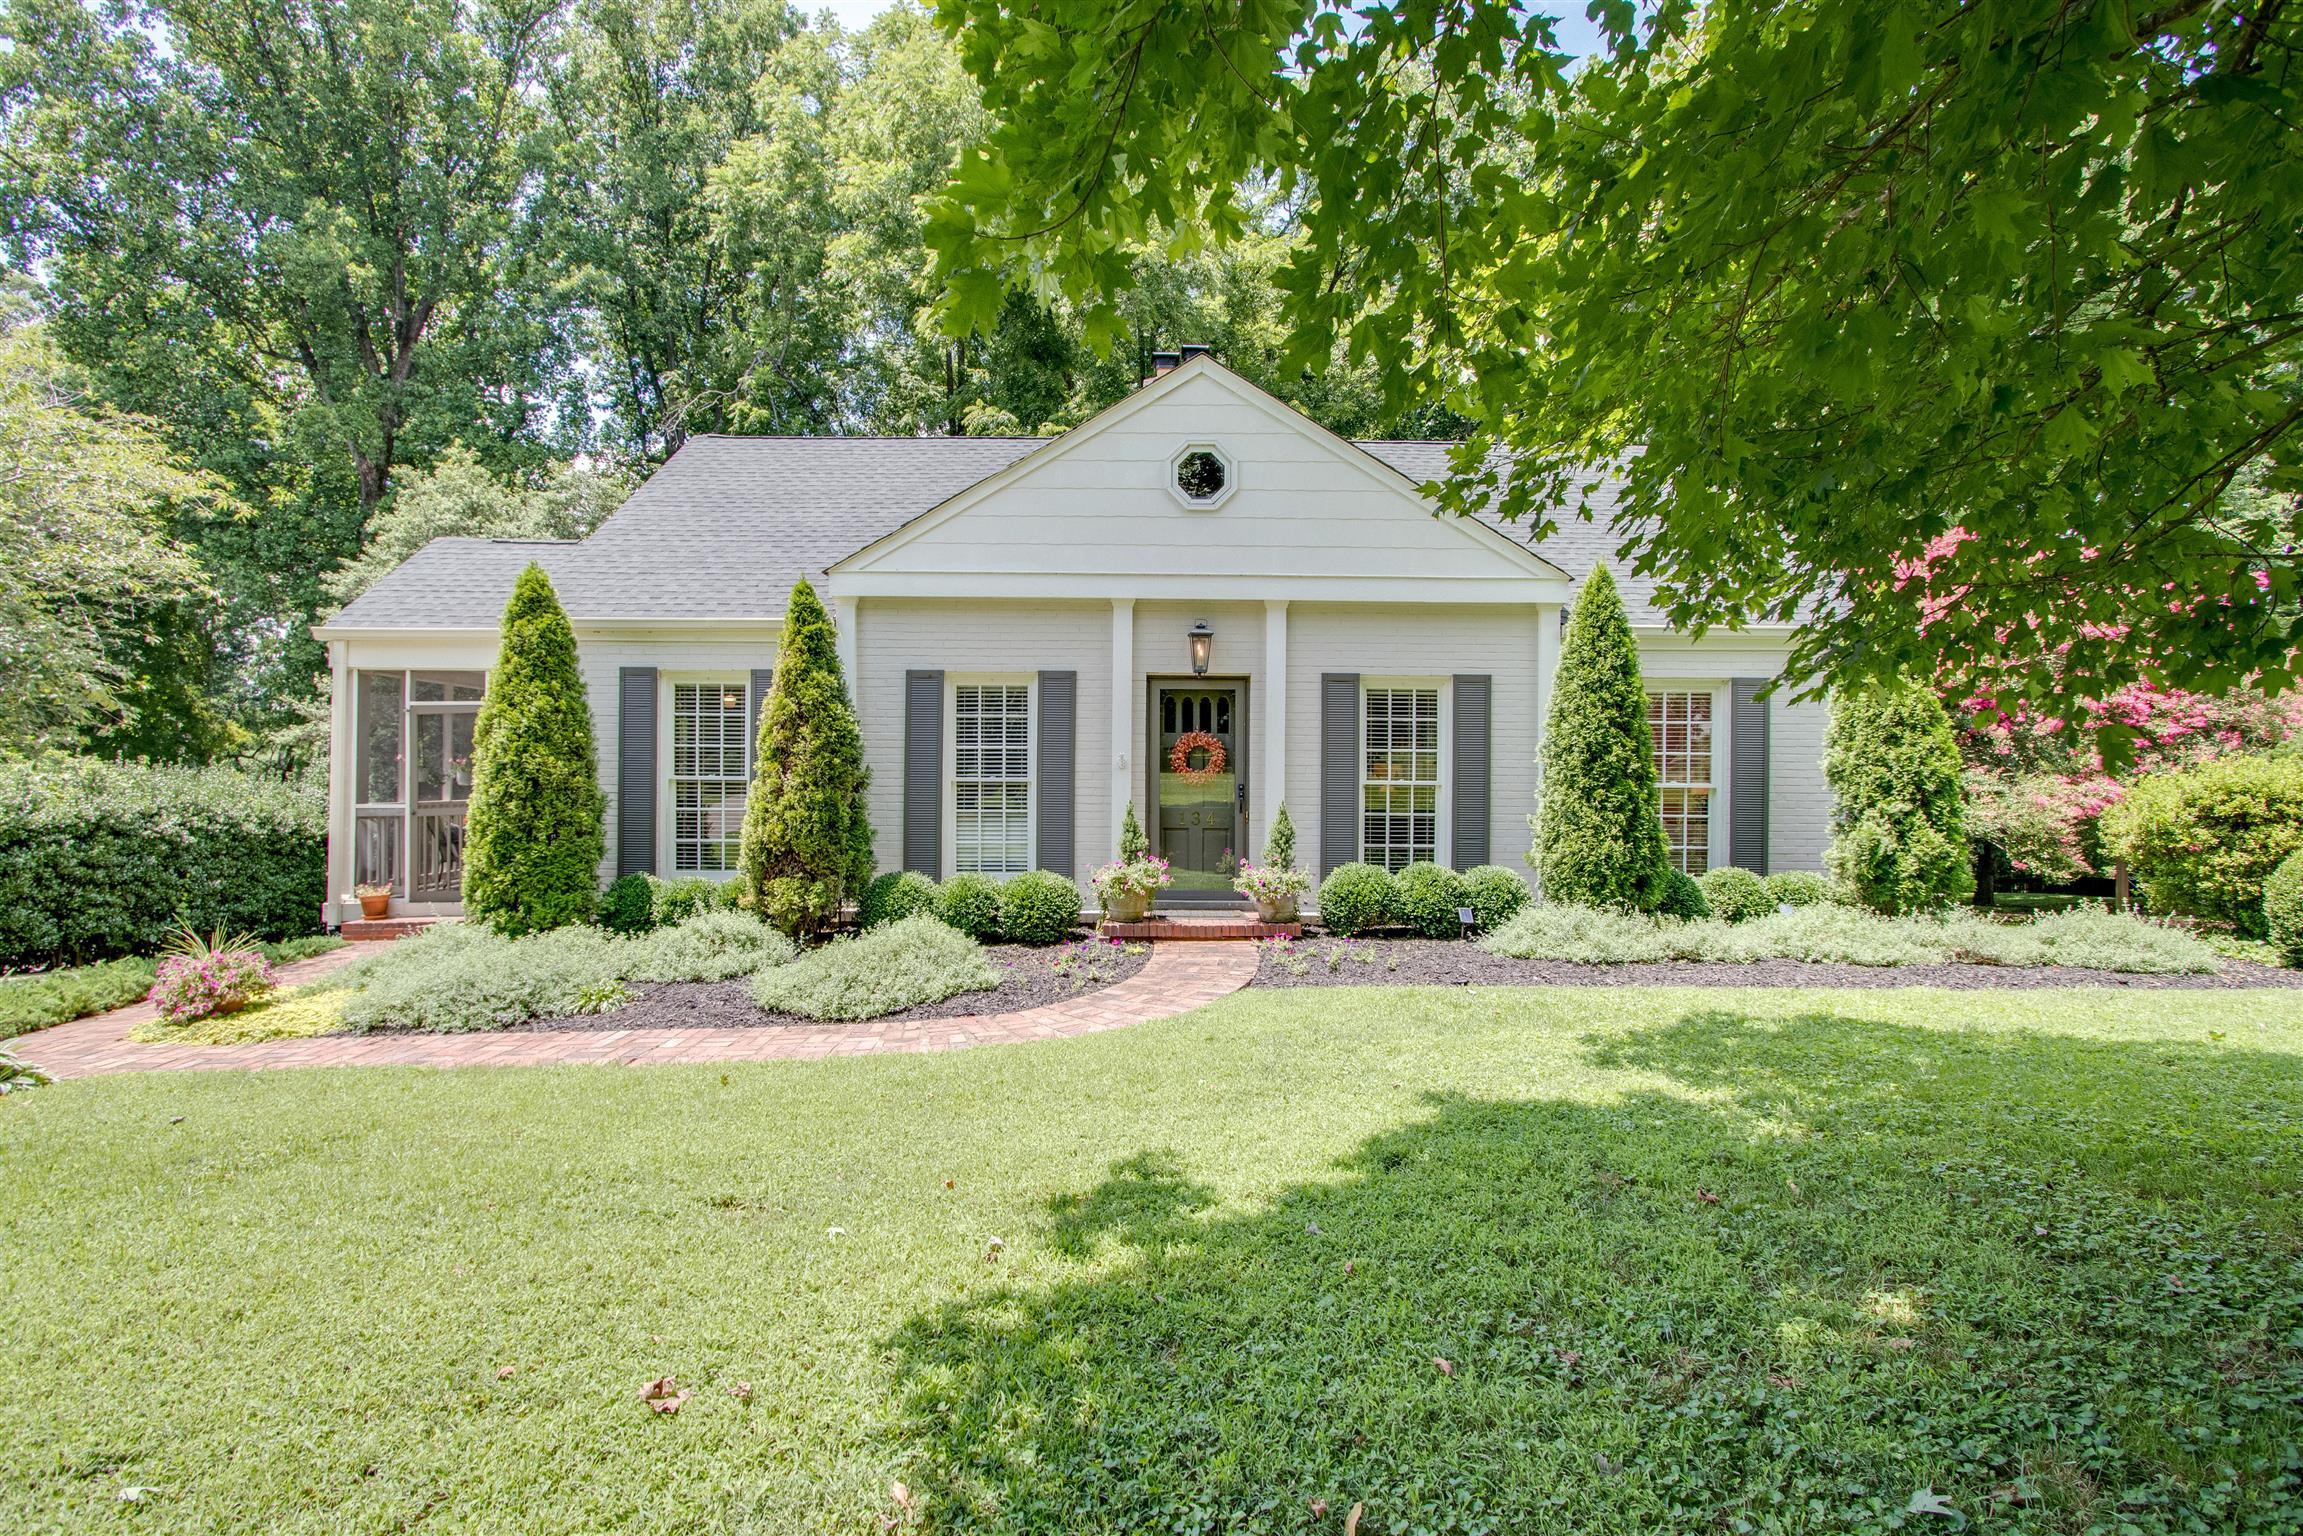 134 Spring Valley Rd, Nashville, TN 37214 - Nashville, TN real estate listing